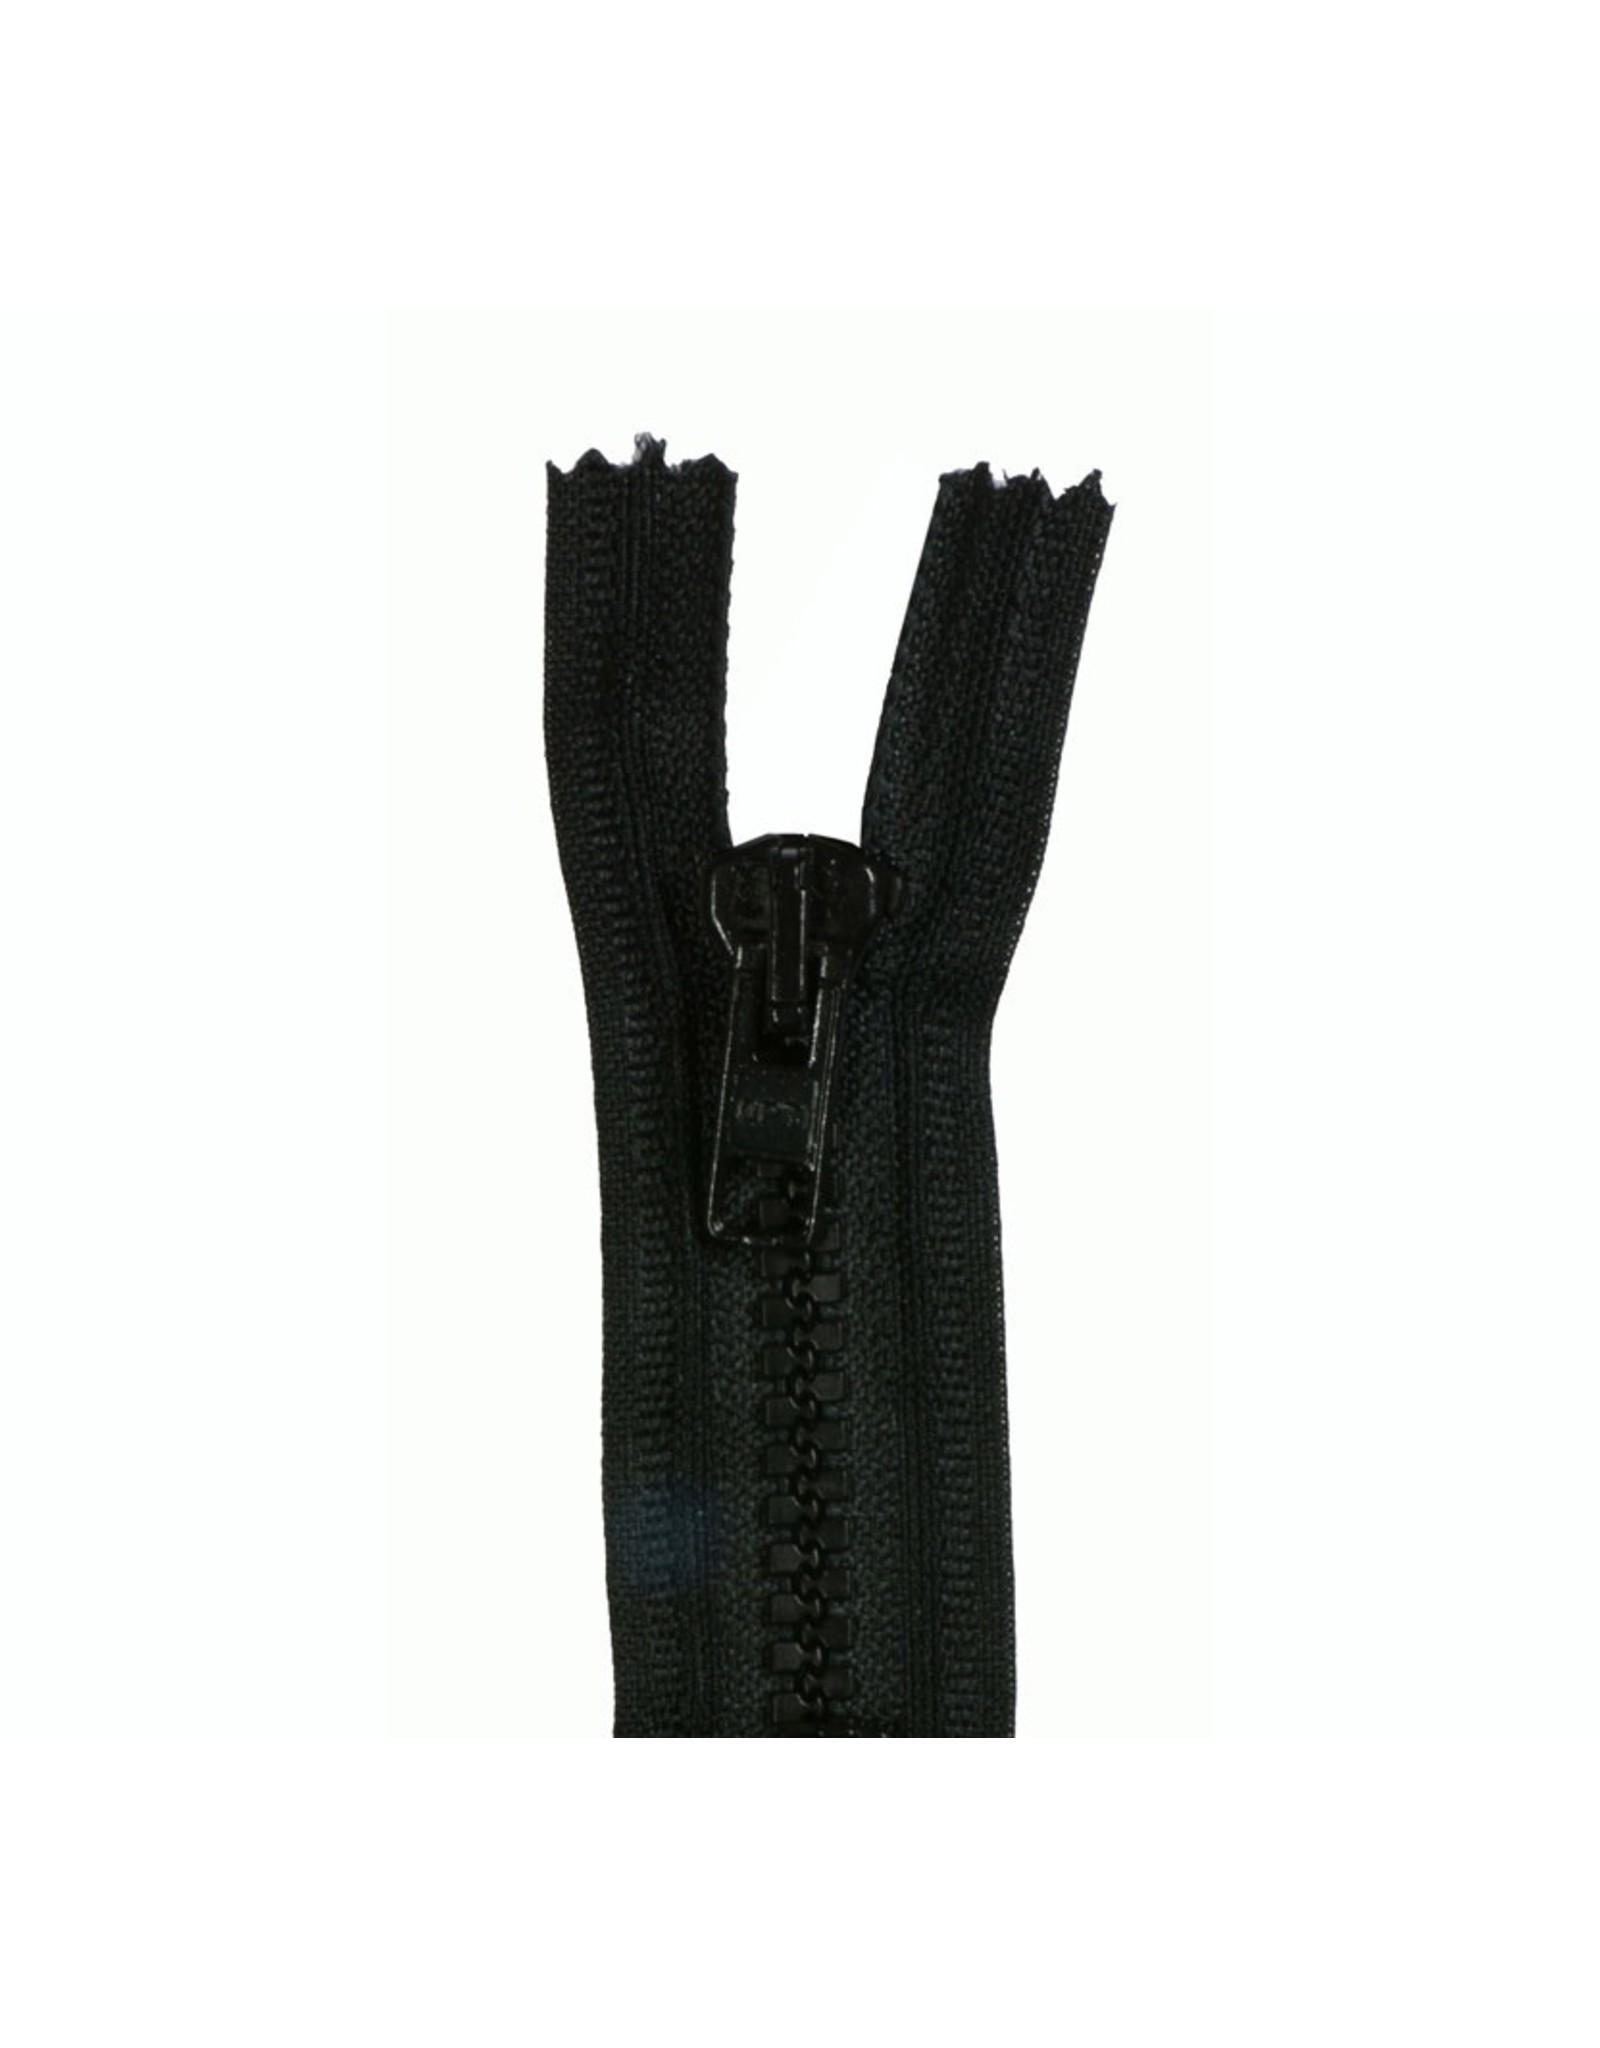 Ritsen Deelbaar blok 30 cm t/m 60 cm